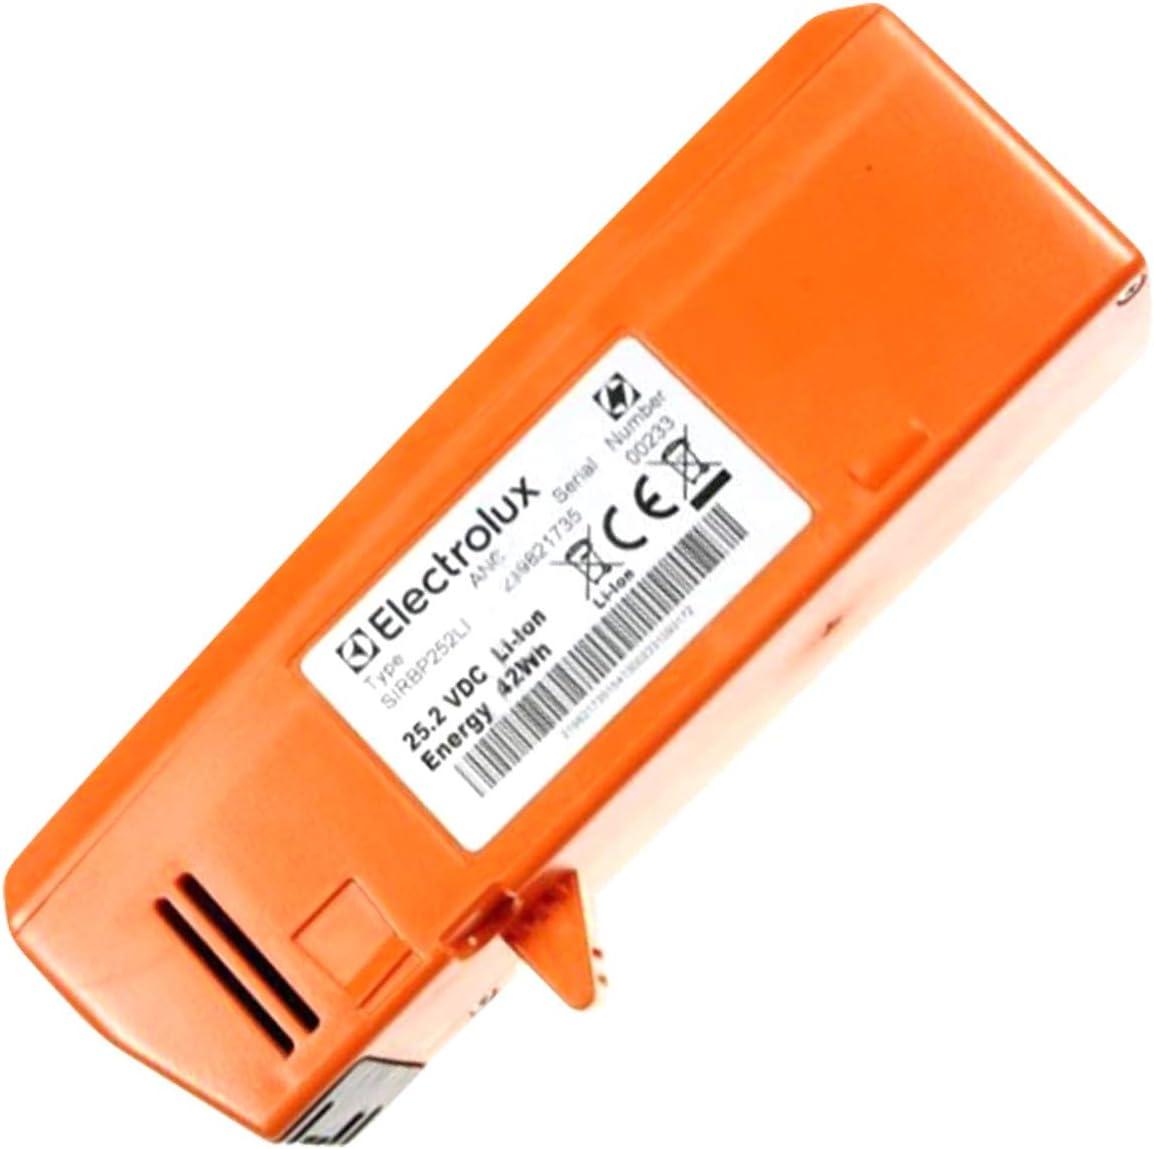 Batería embalaje/envase 25,2 V Fl para piezas de aspirador pequeño electrodoméstico Electrolux: Amazon.es: Grandes electrodomésticos